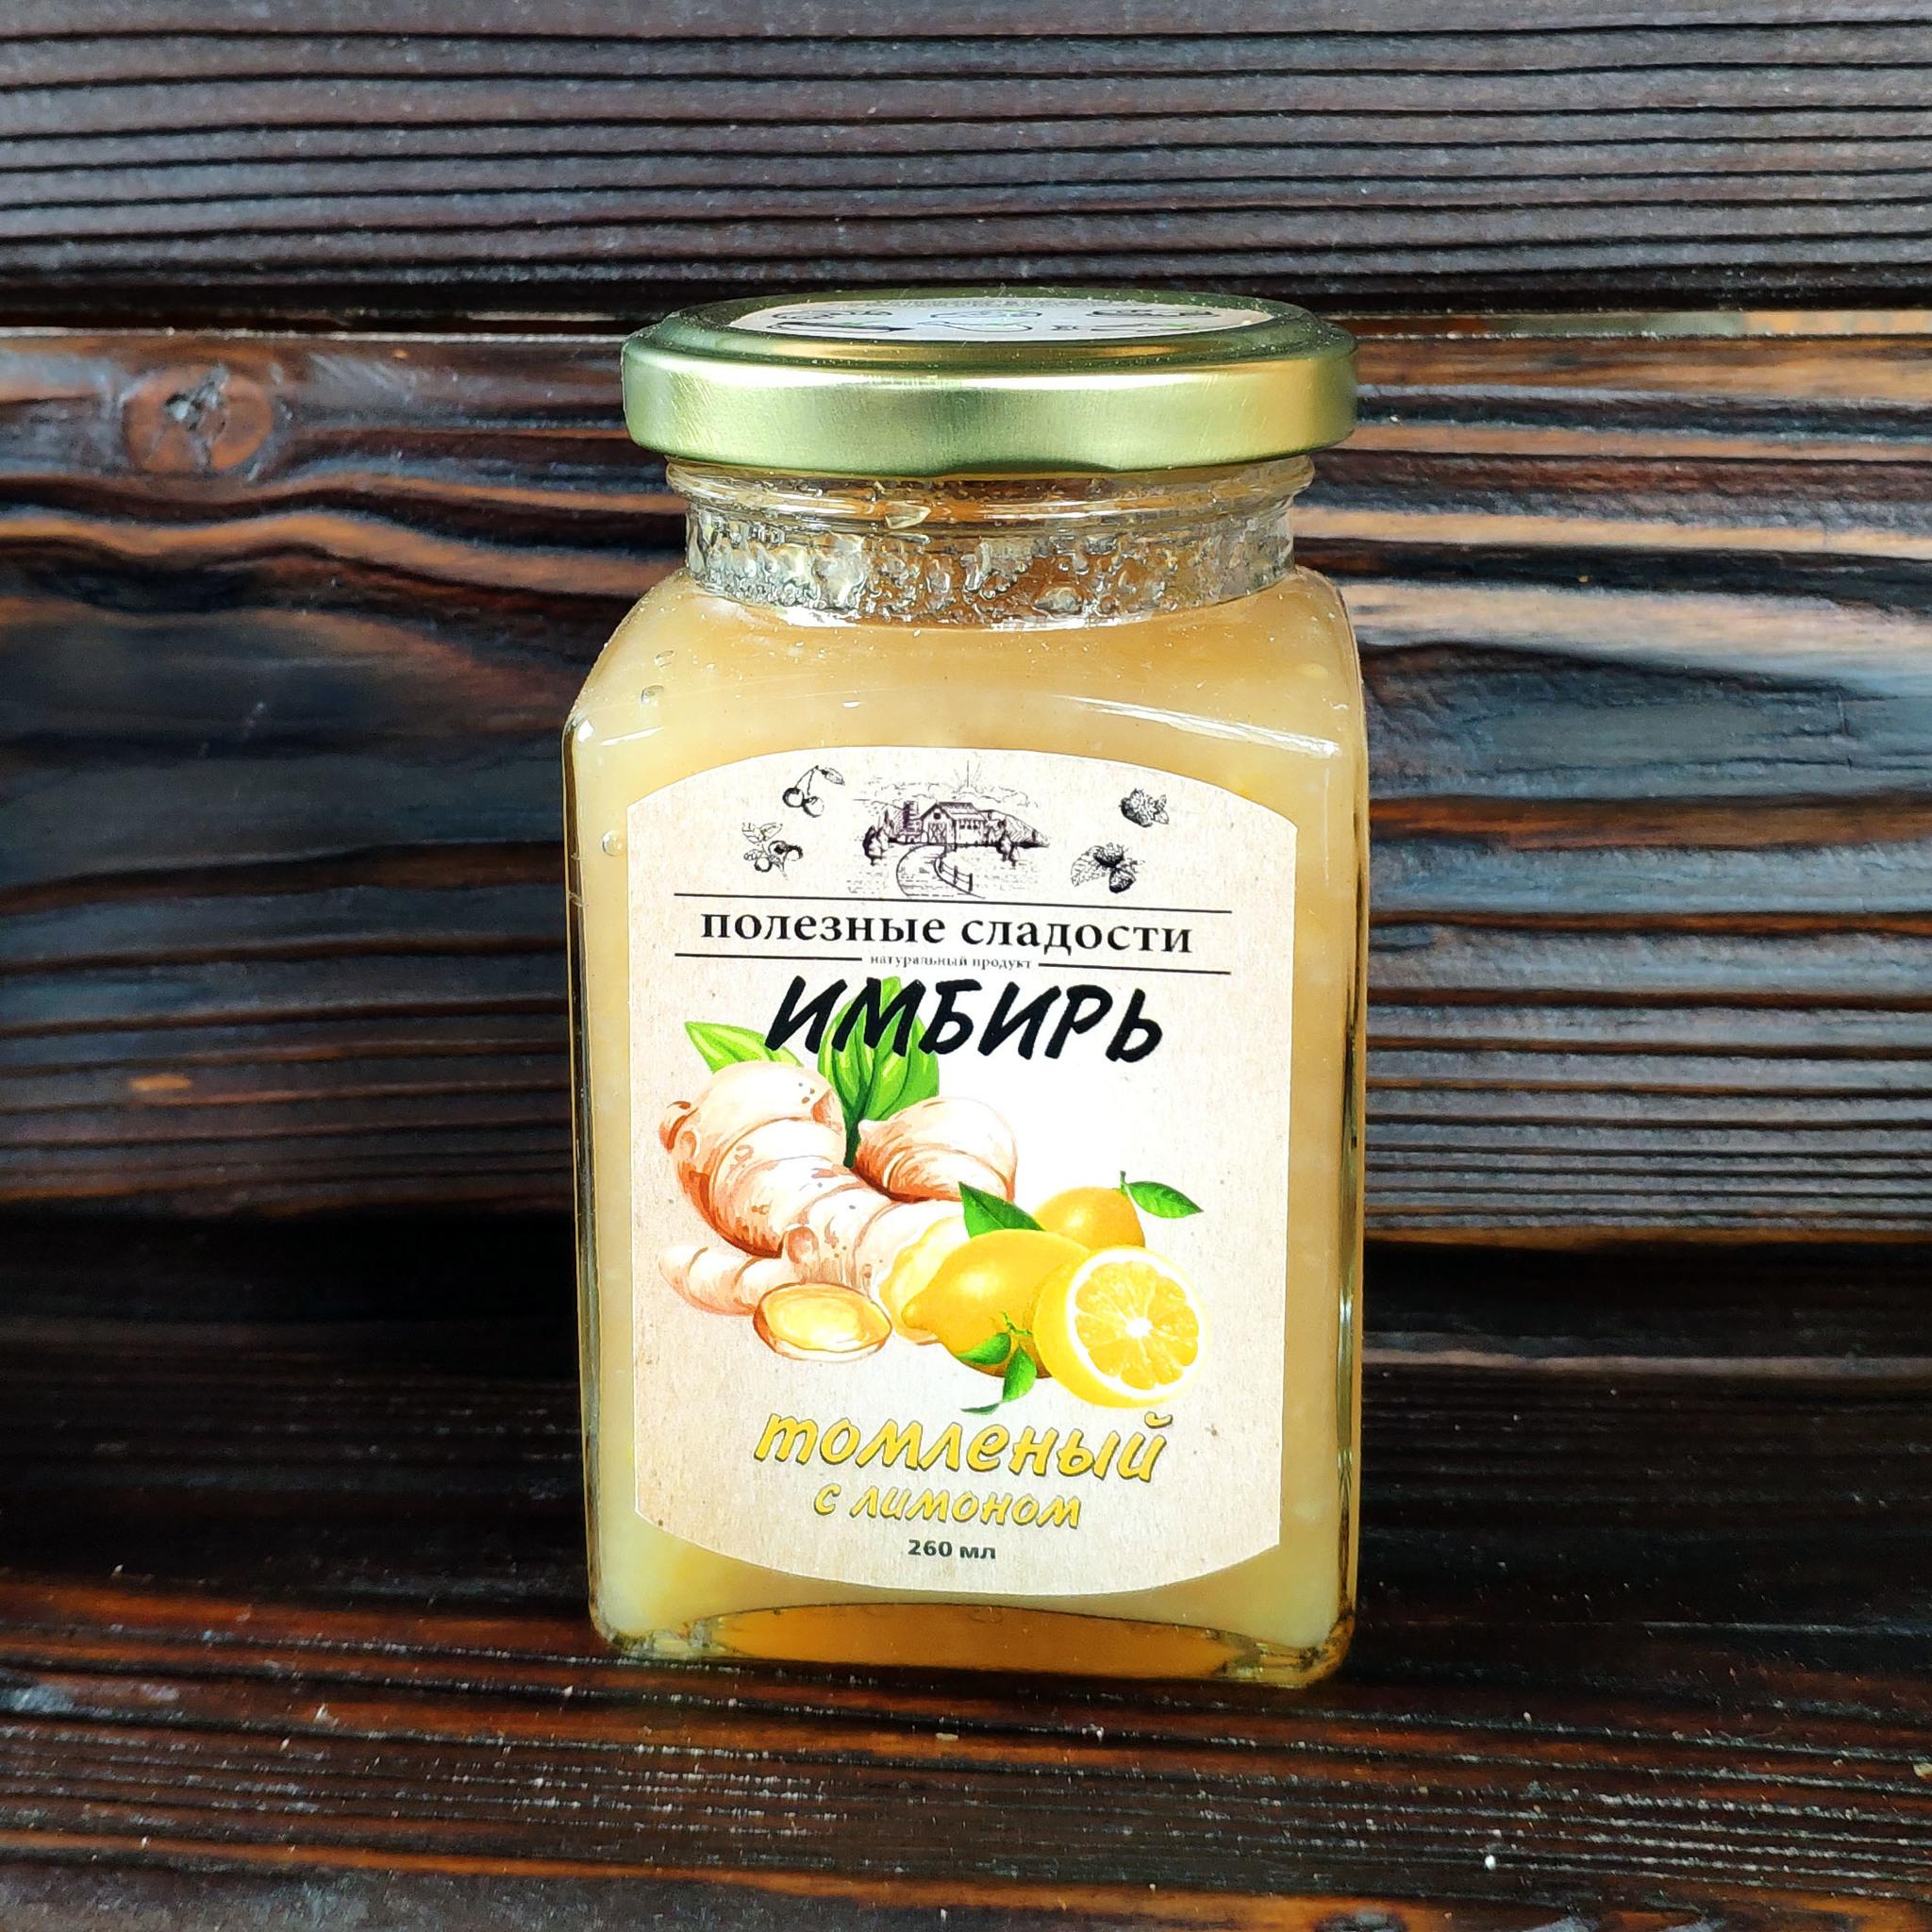 Фотография Имбирь томленый с лимоном / 260 мл купить в магазине Афлора